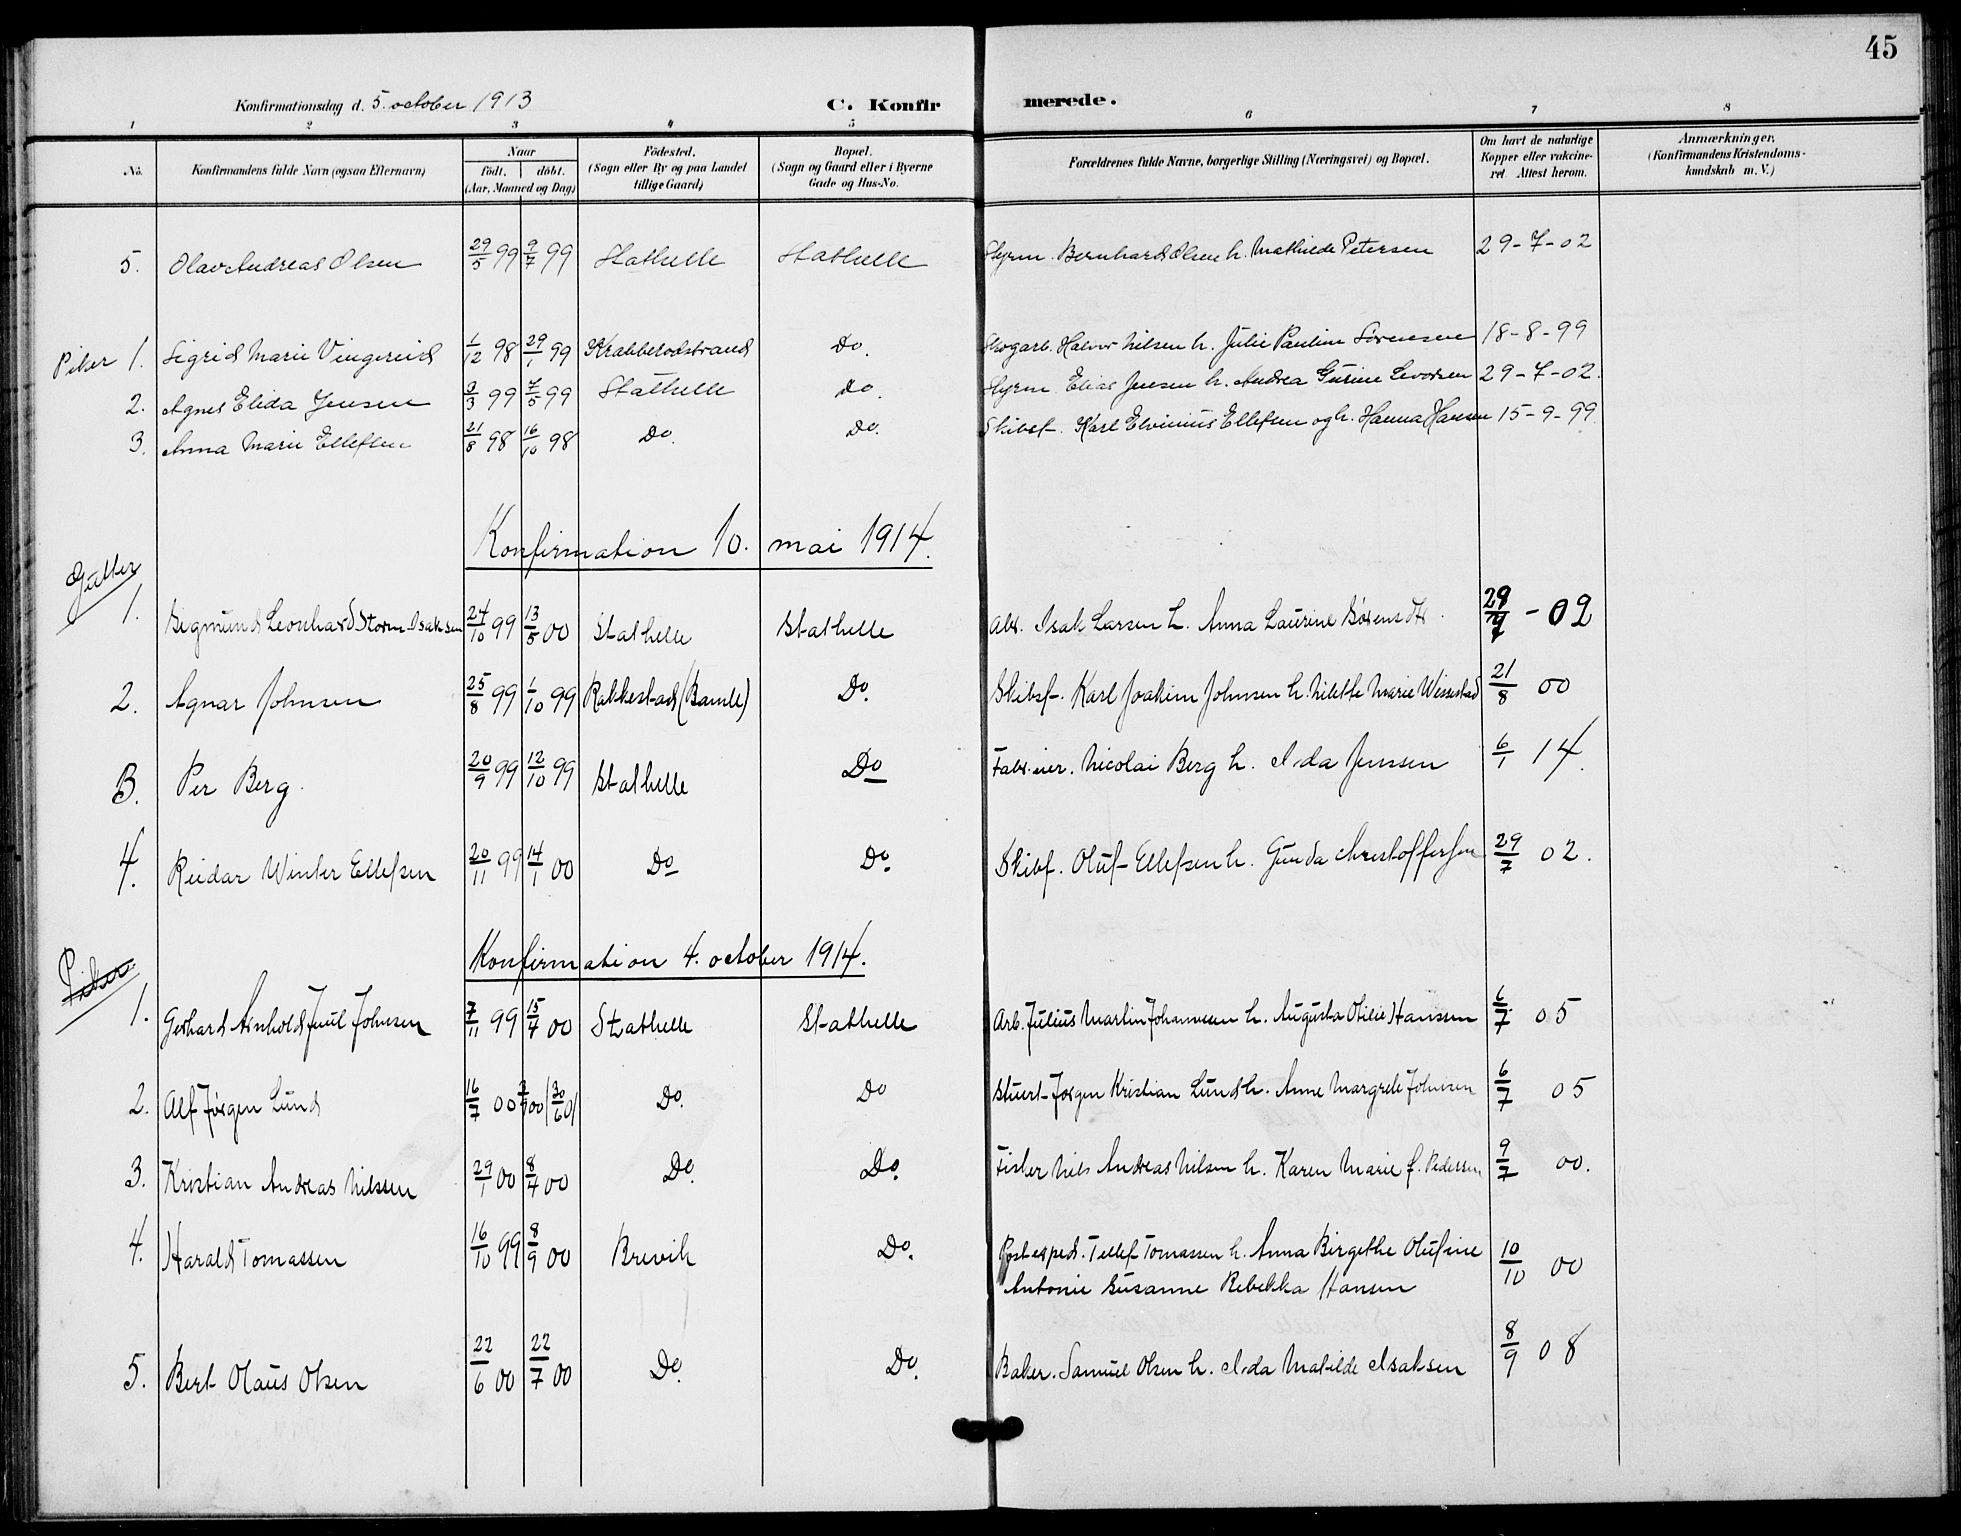 SAKO, Bamble kirkebøker, G/Gb/L0002: Klokkerbok nr. II 2, 1900-1925, s. 45